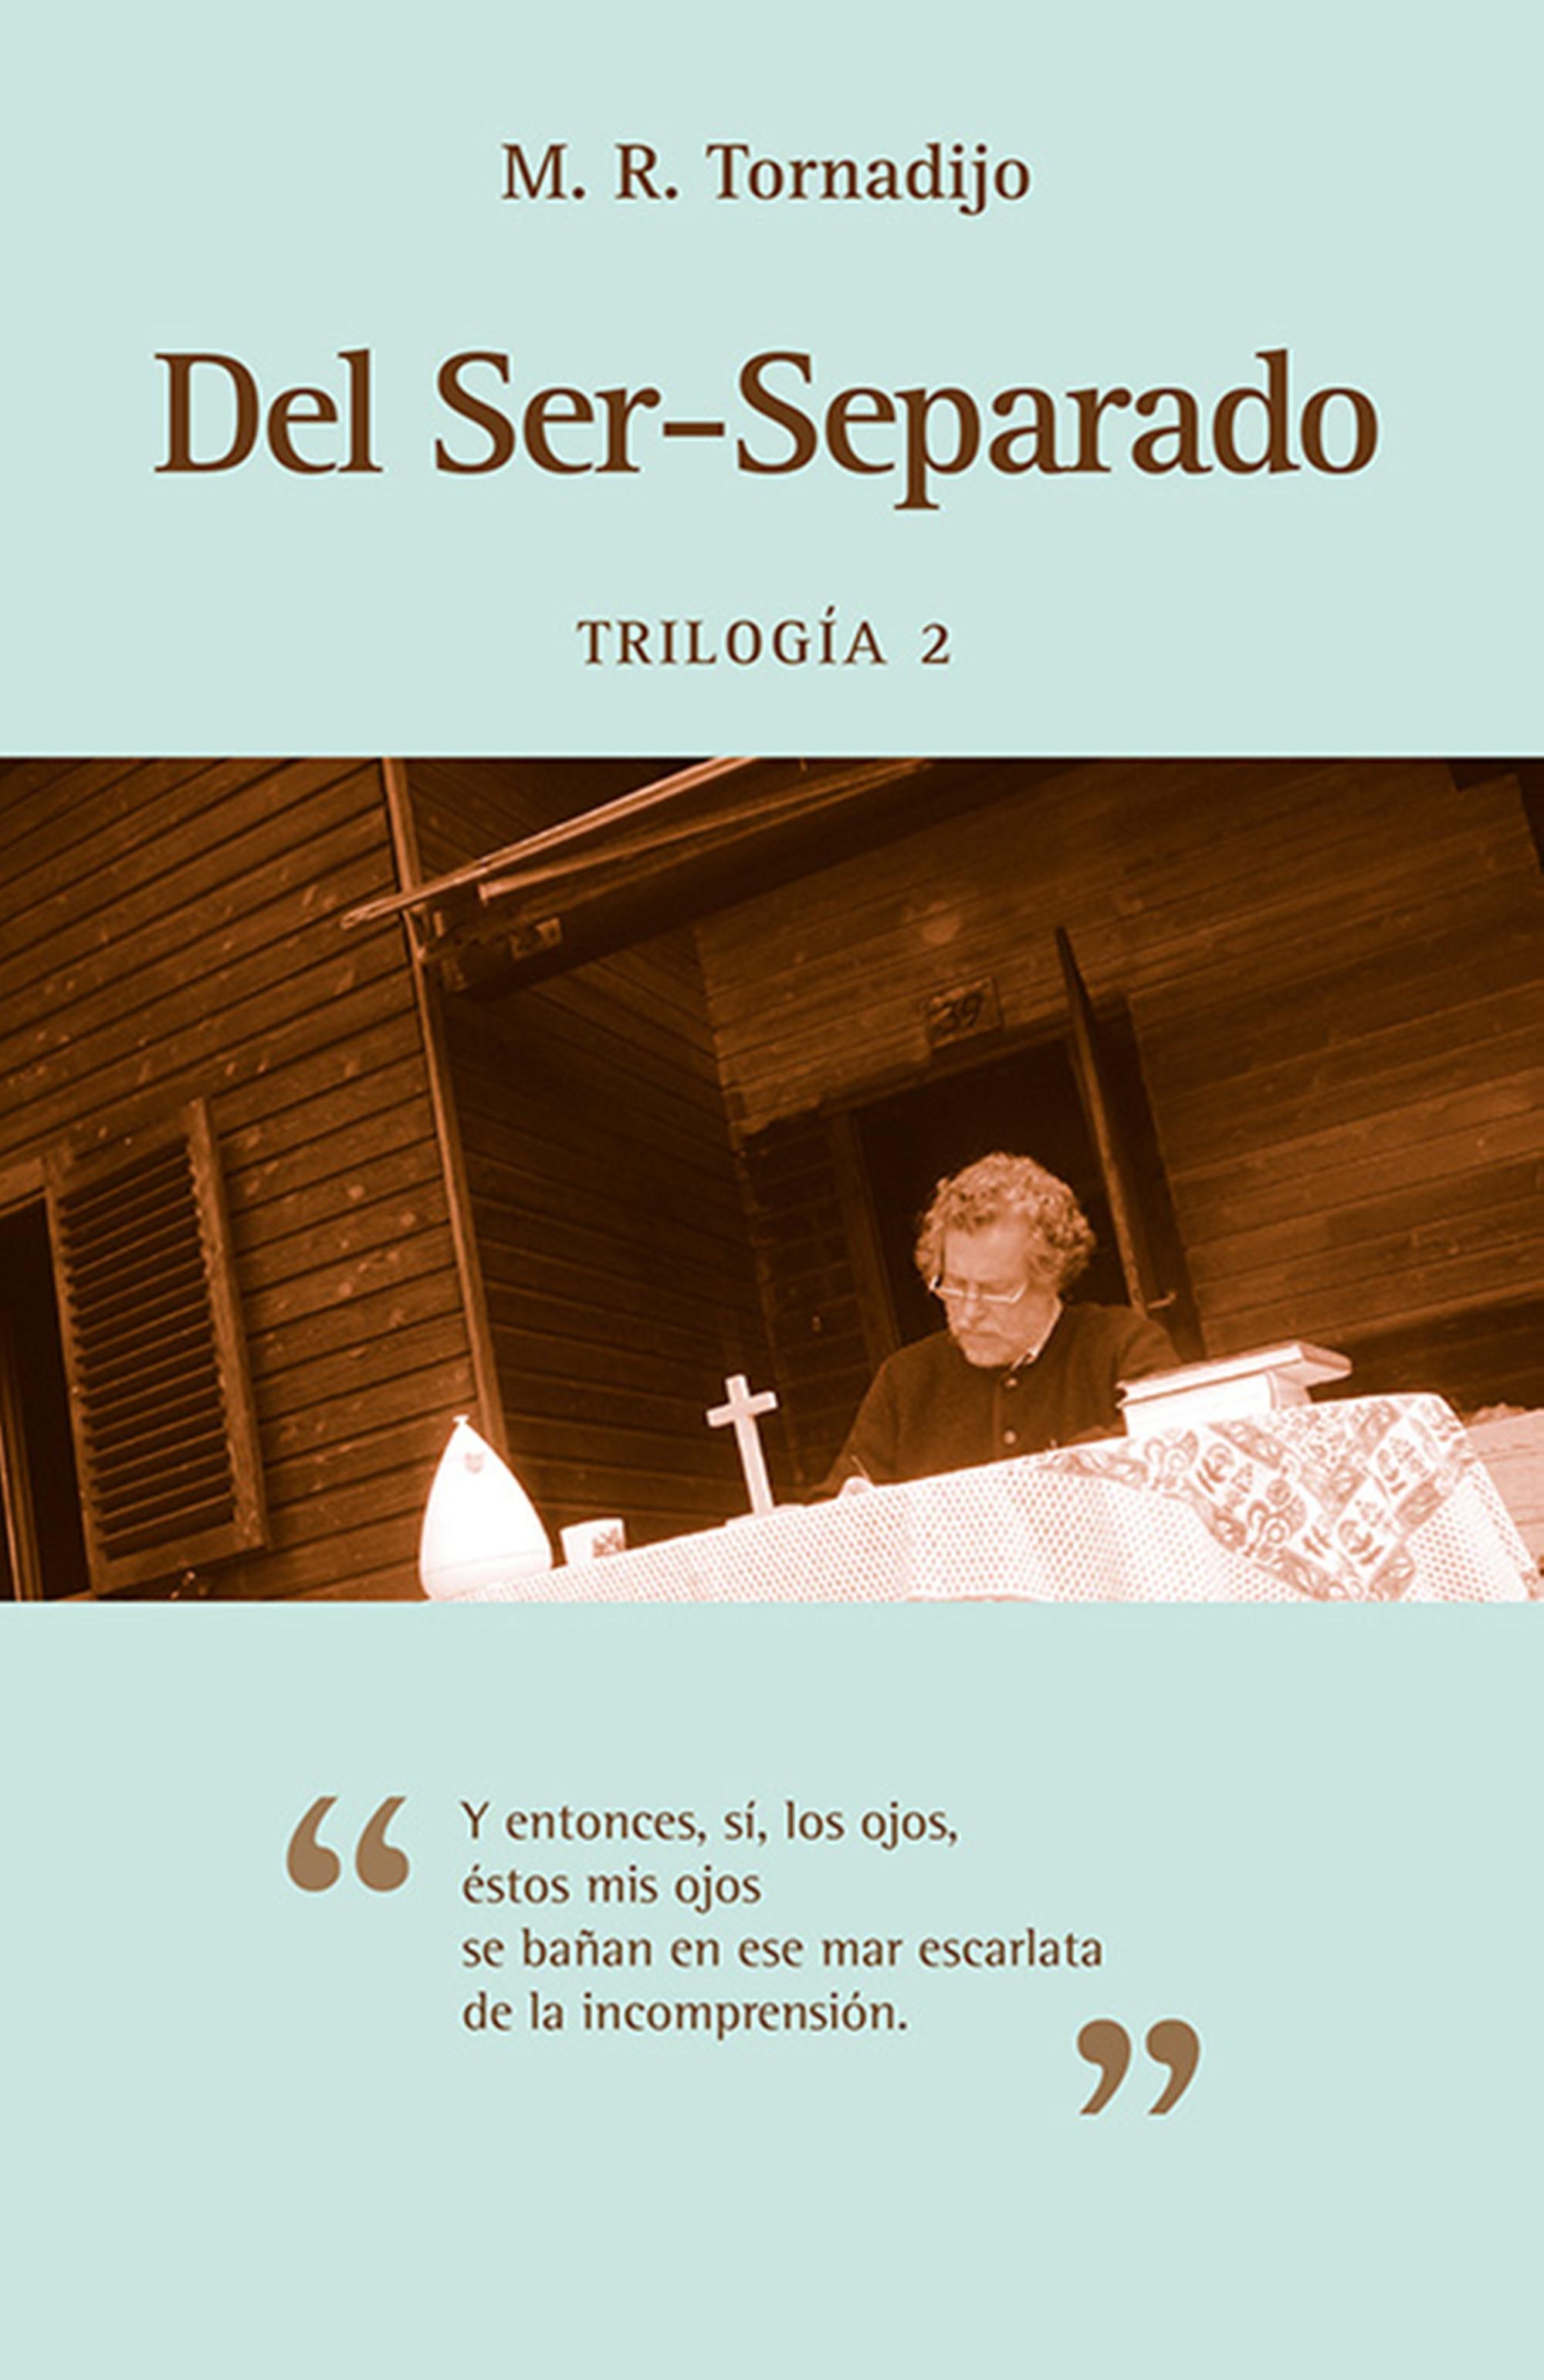 DEL SER-SEPARADO